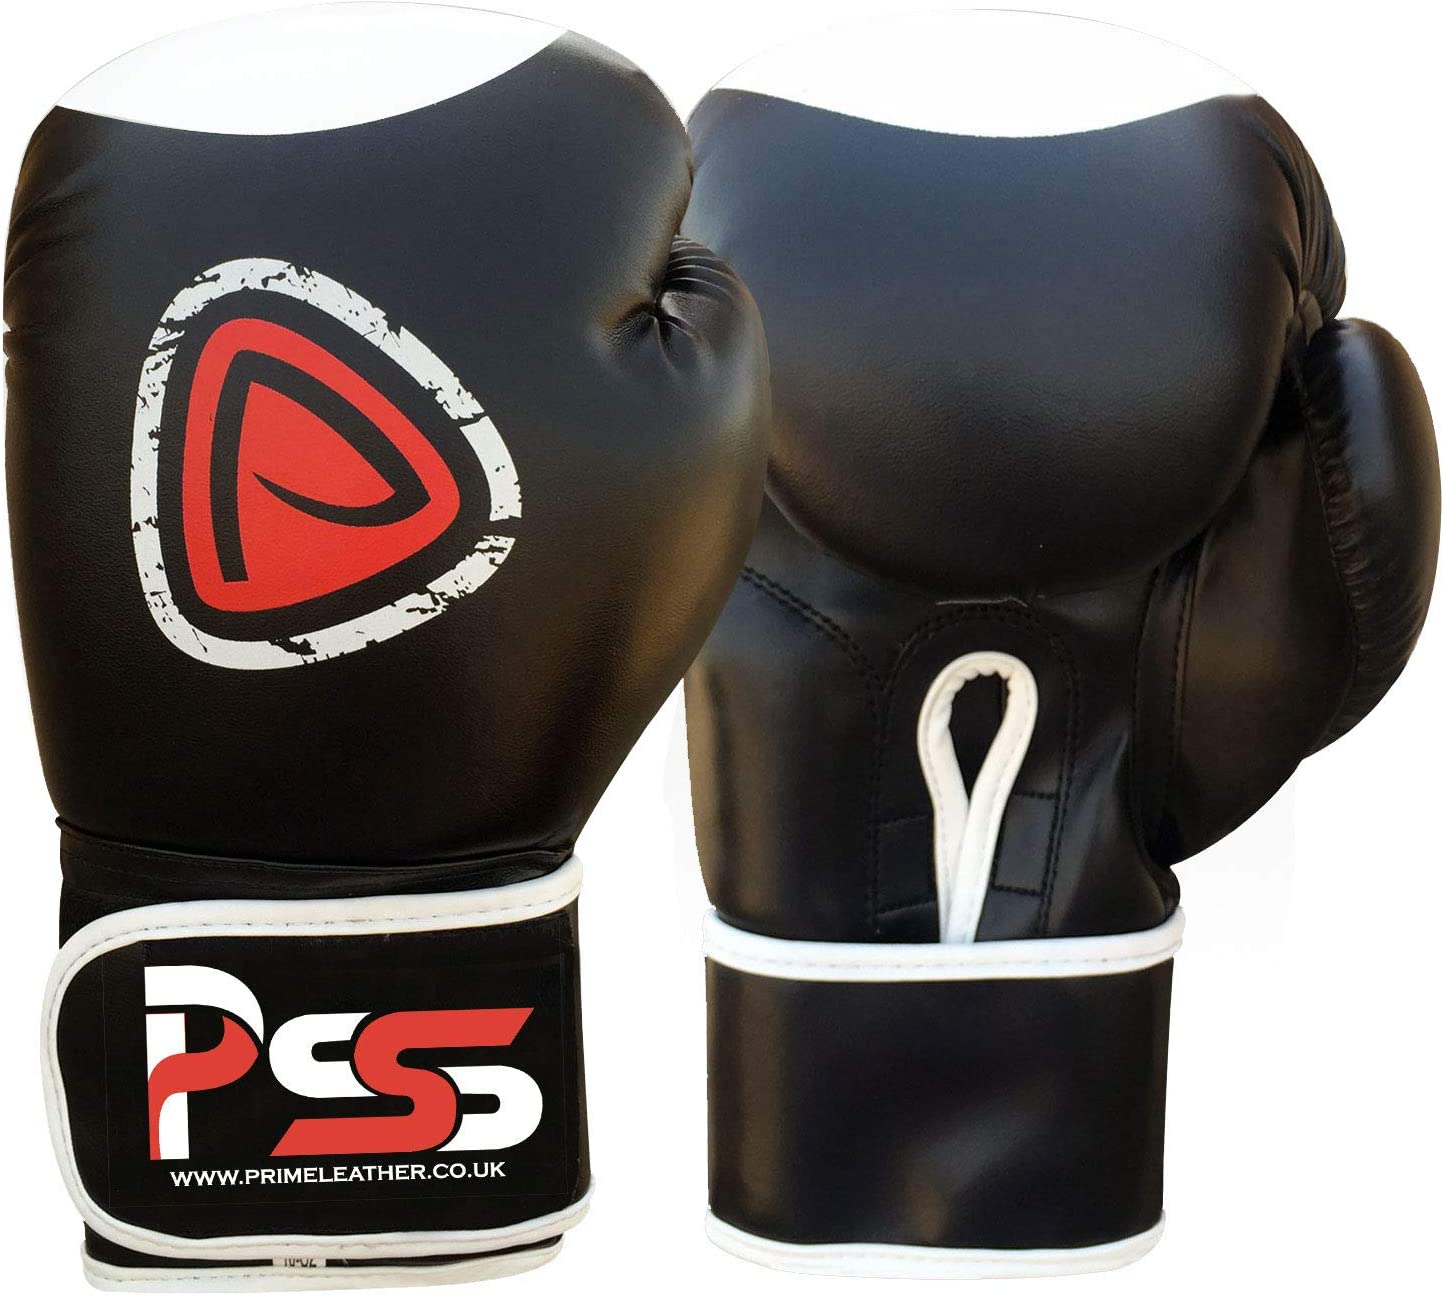 Juego de Guantes de Boxeo Prime Leather MMA S1 Almohadillas de Maquillaje para Mano